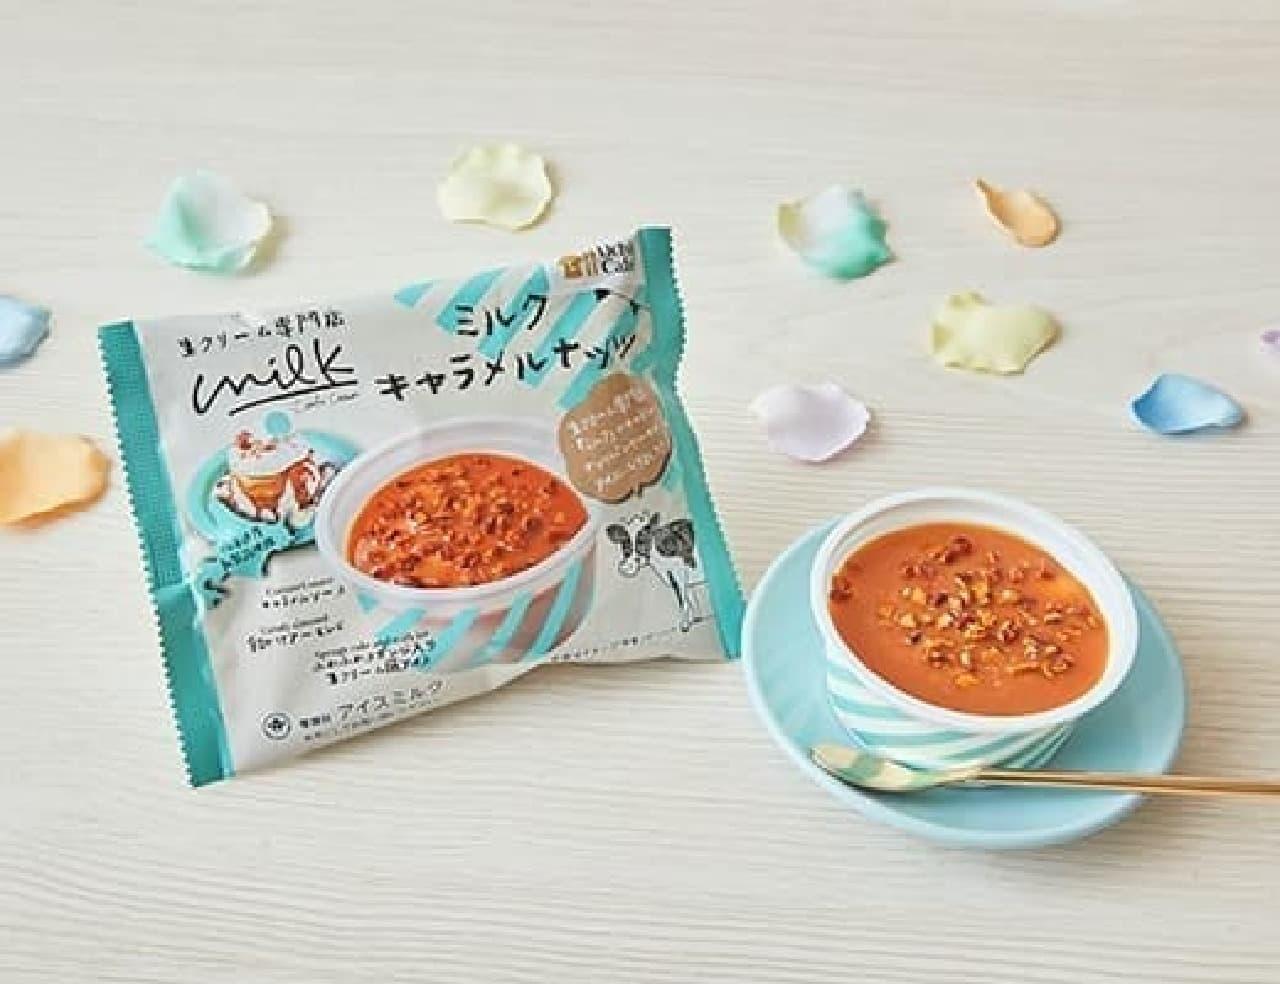 ローソン「Uchi Cafe×Milk ミルクキャラメルナッツ 106ml」